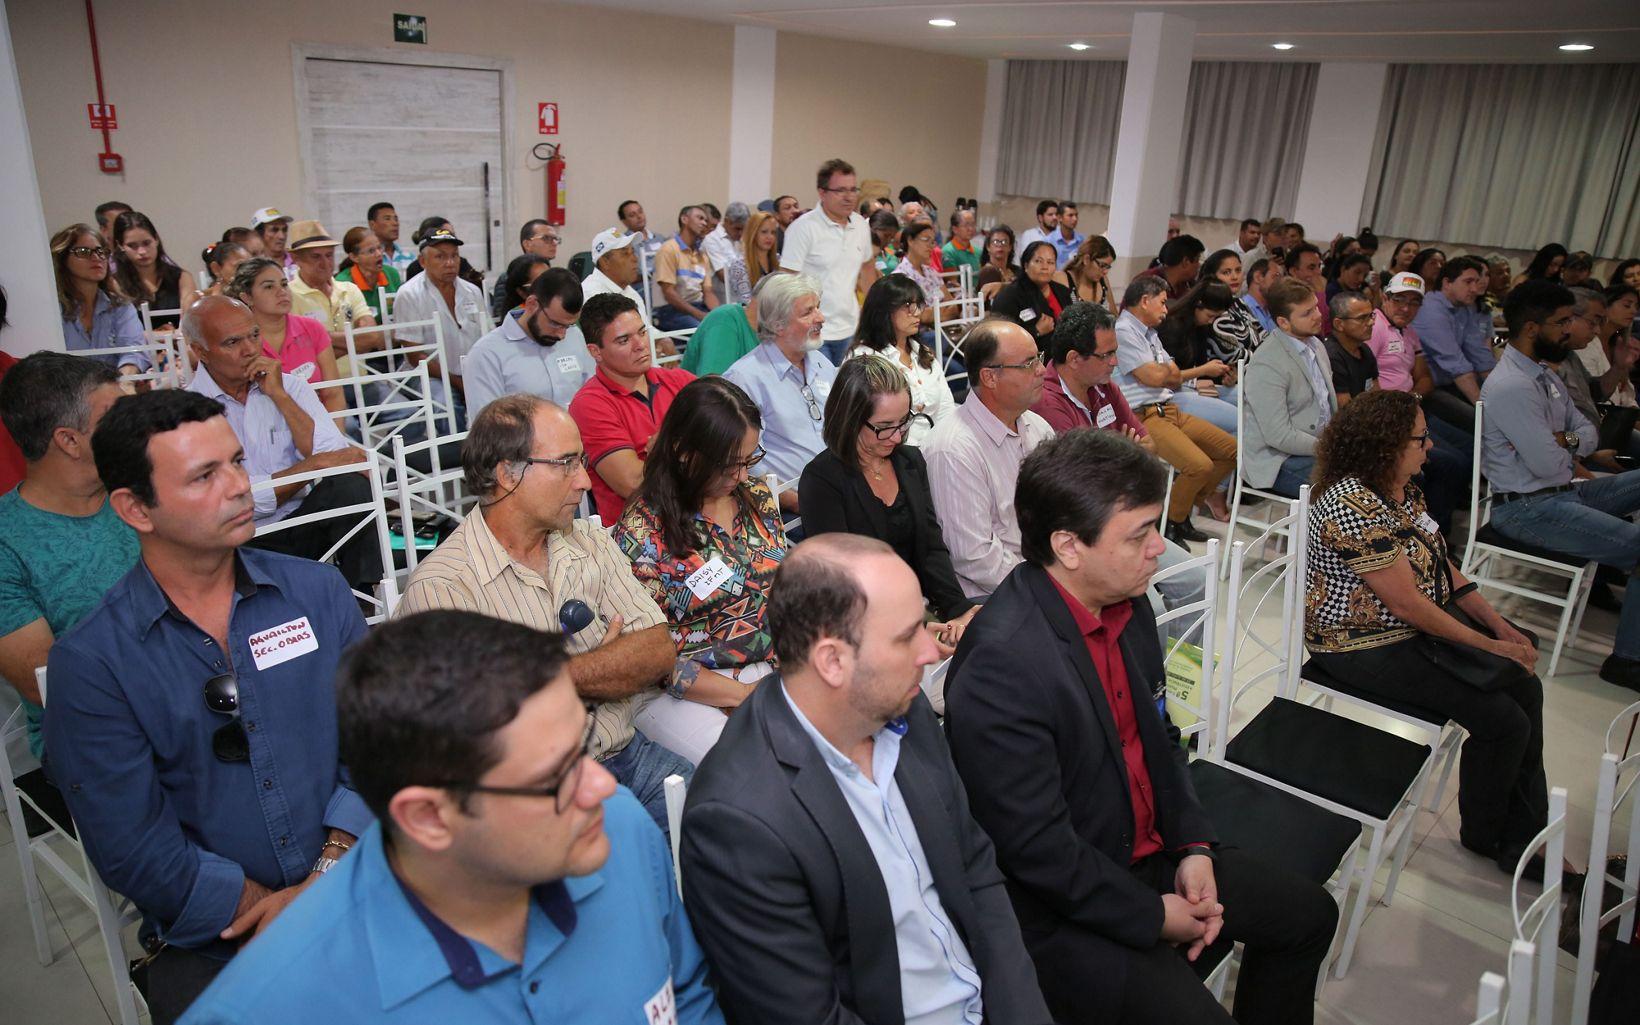 O evento contou com a presença de representantes da sociedade civil e organizações que apoiaram a implementação das ações.